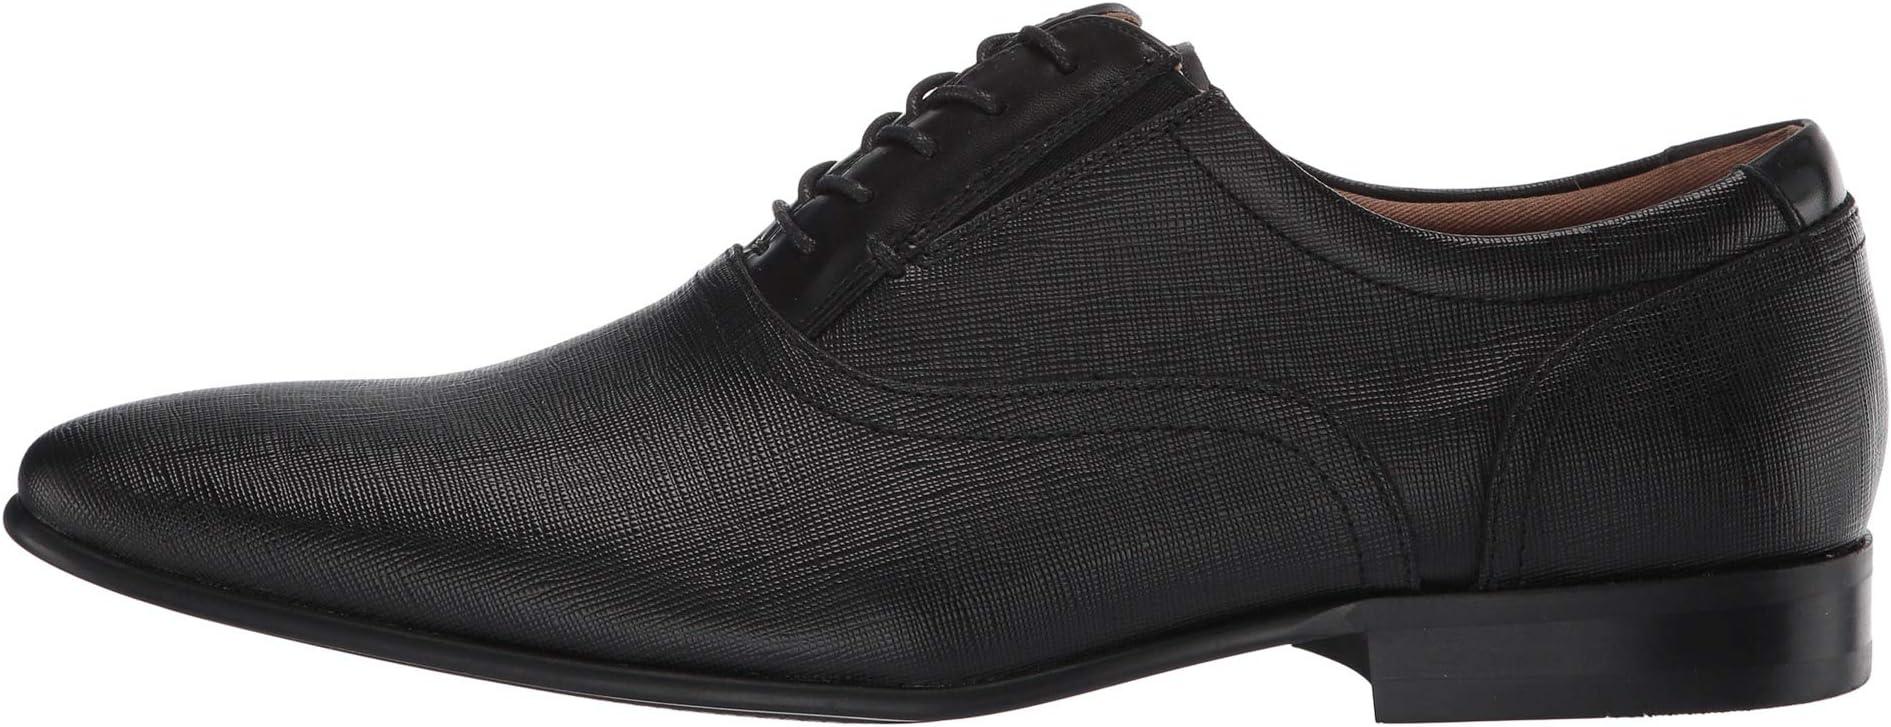 ALDO Nydaviel | Men's shoes | 2020 Newest